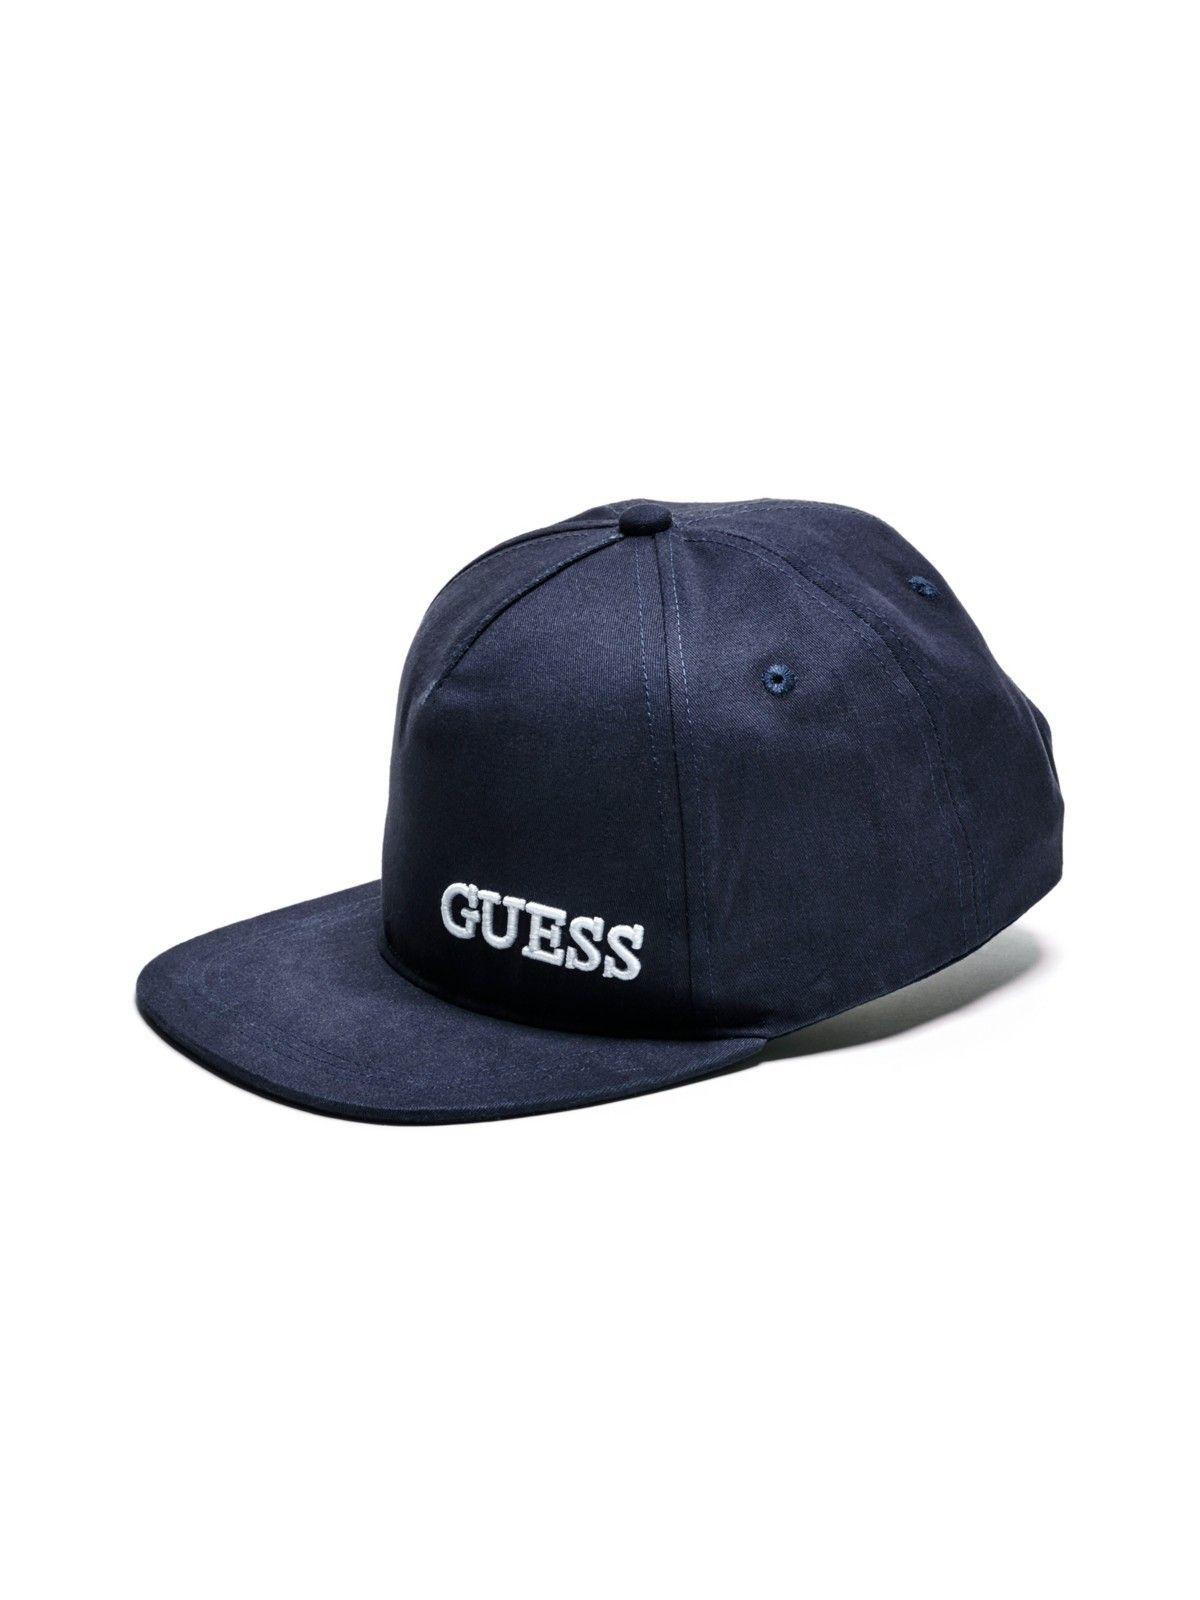 232ea777c42 Baseball Hat